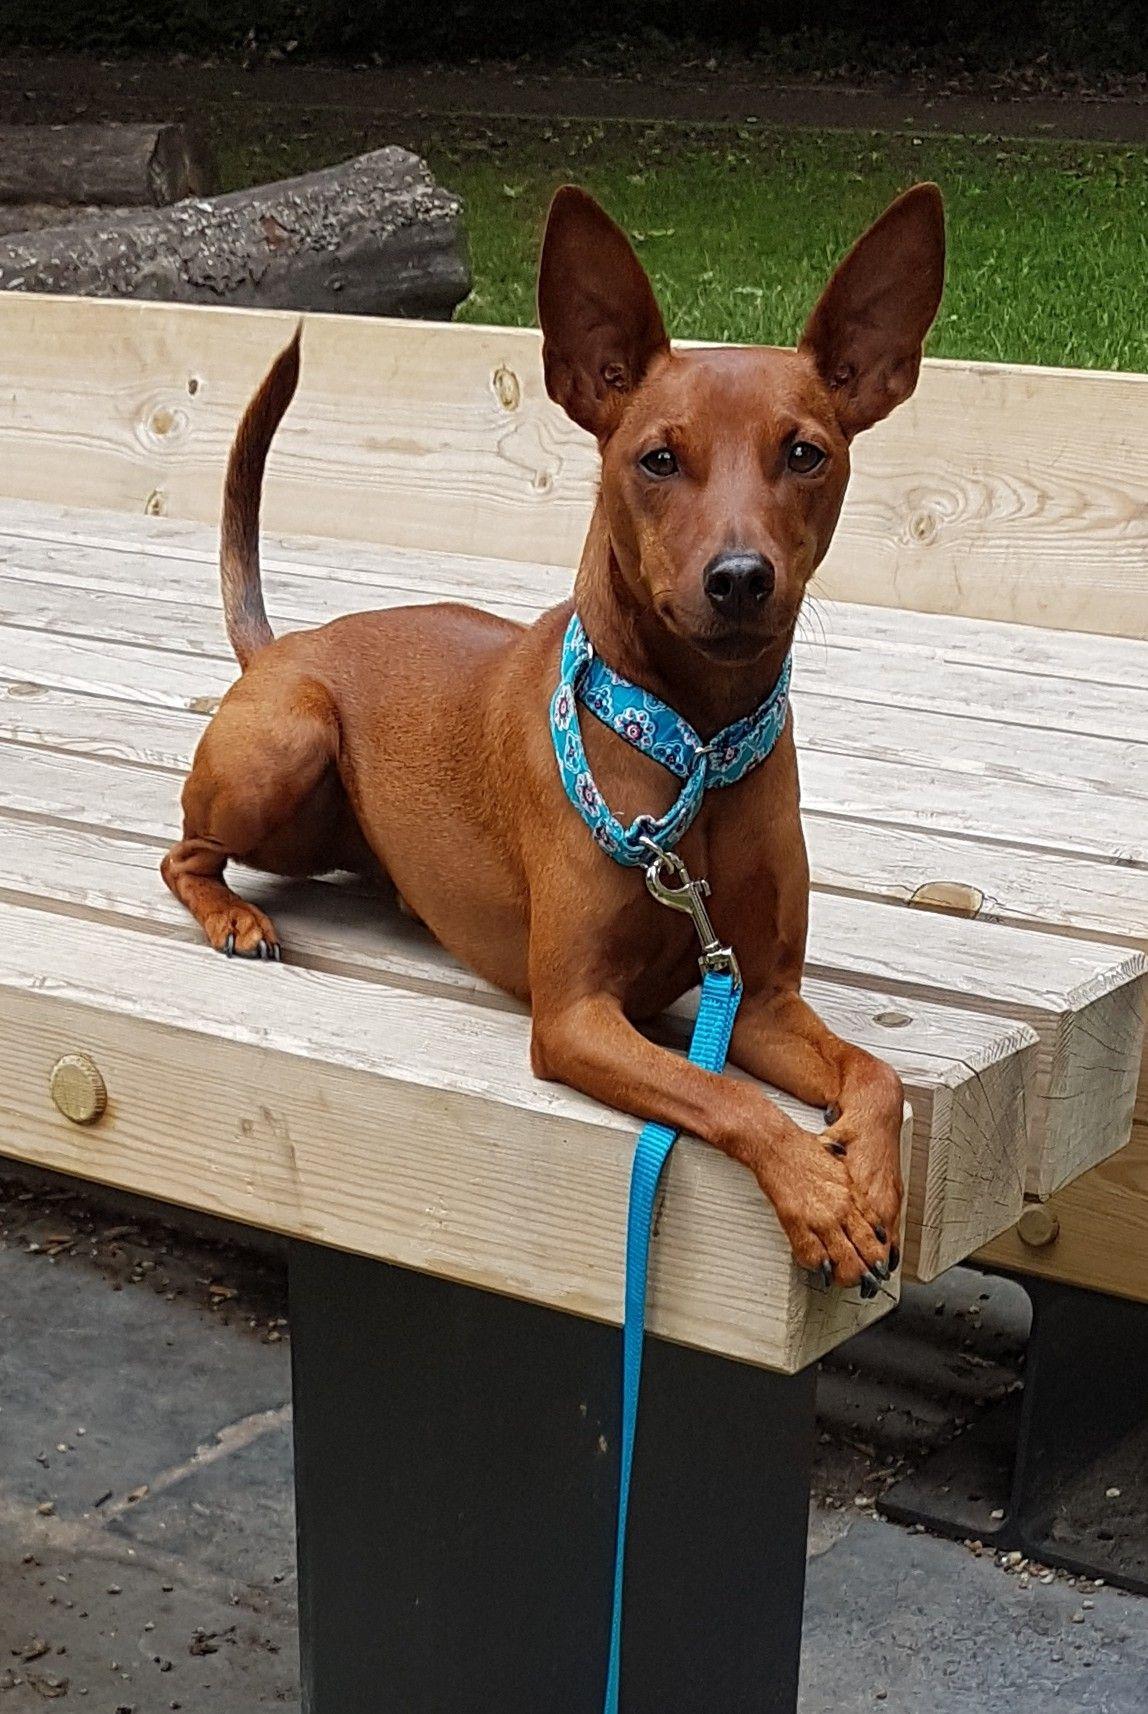 Pin By Nadine Granzow On Lucky The Min Pin Doberman Pinscher Puppy Mini Pinscher Dog Quiz